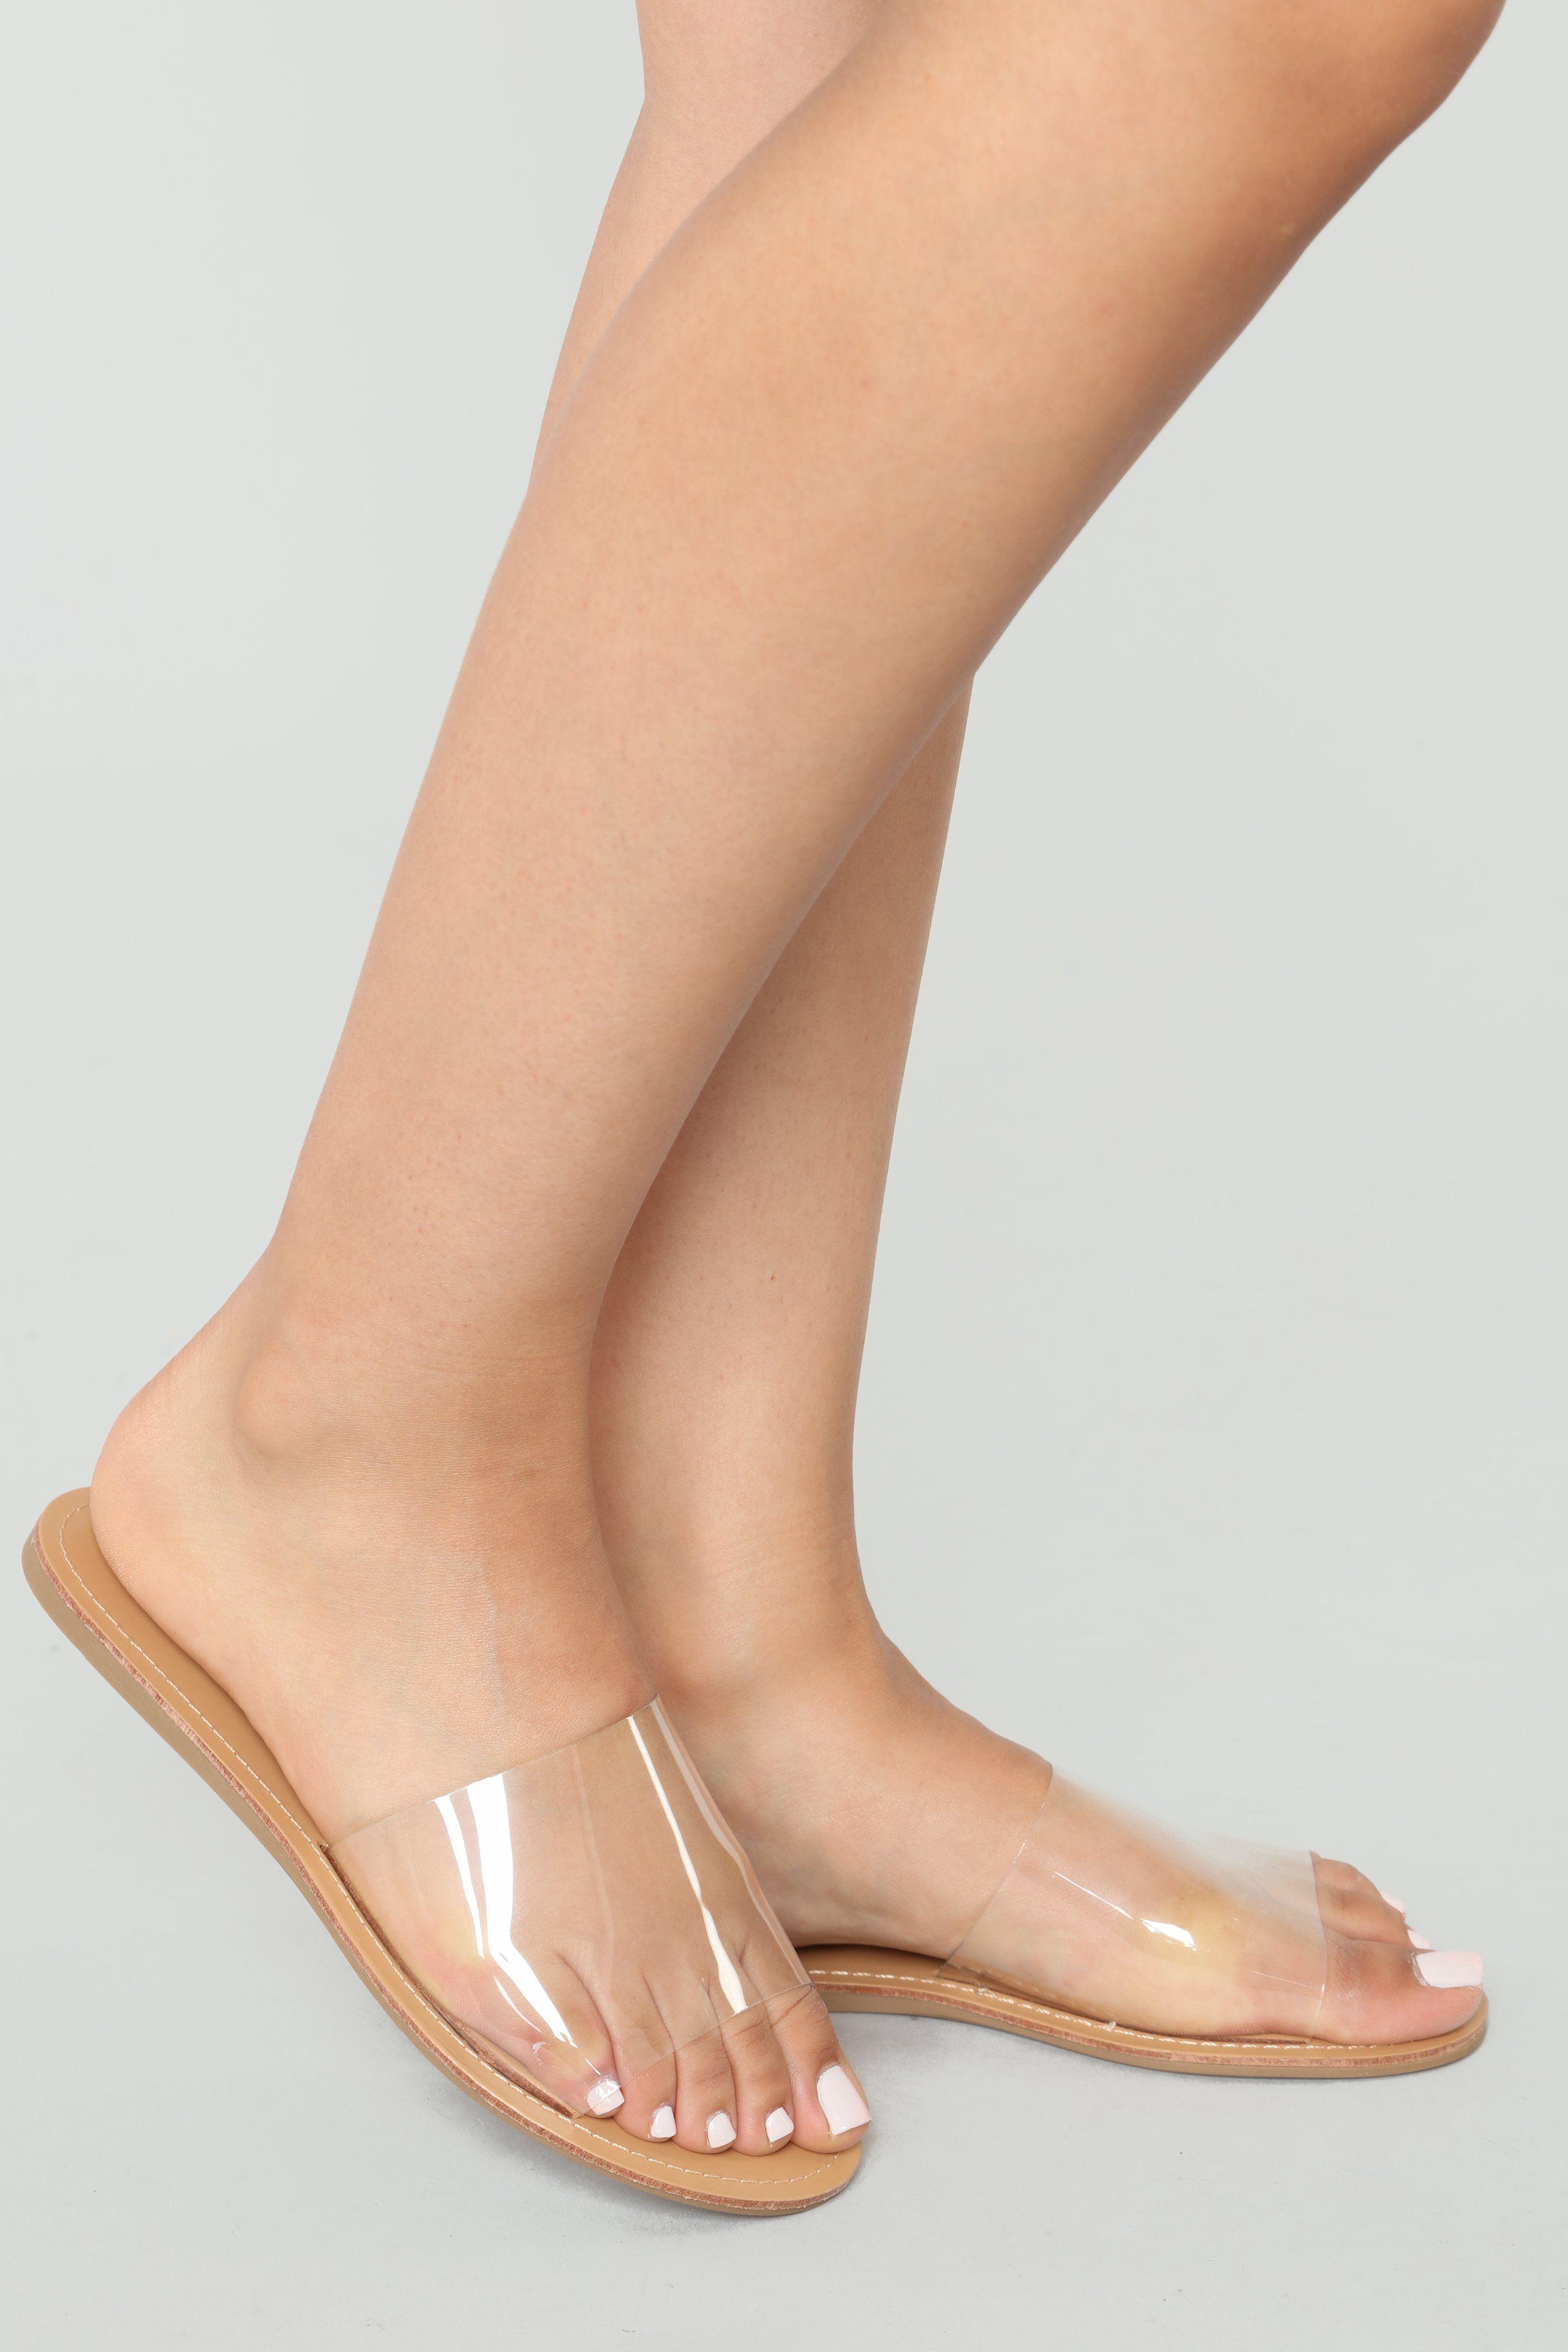 shoes sandals flip flops